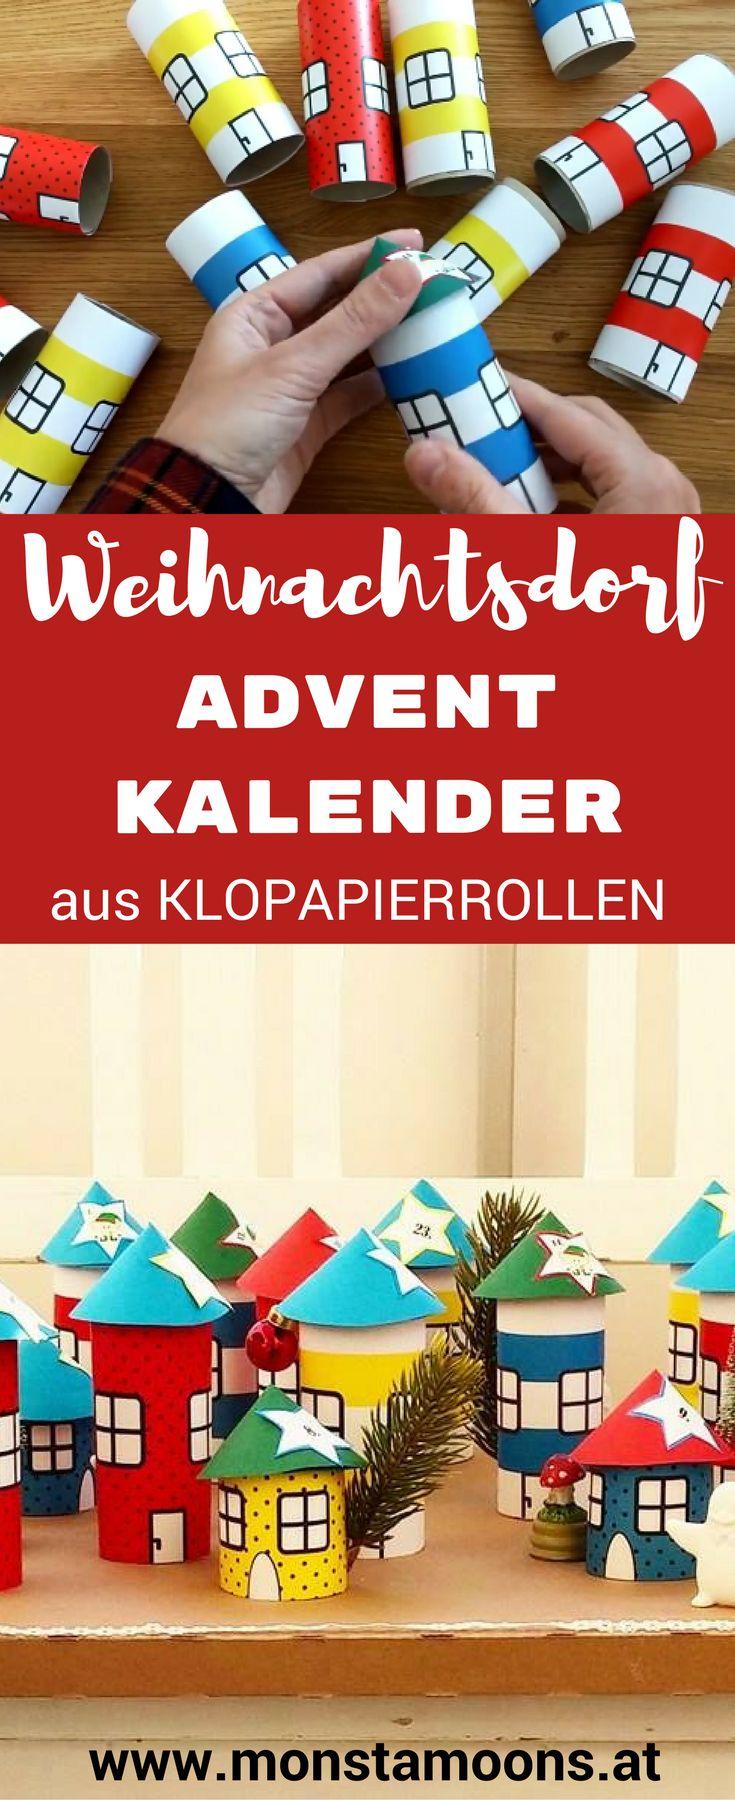 Weihnachtsdorf basteln, DIY Adventkalender, Adventkalender, Basteln mit Klopapierrollen, tube crafts, Christams village